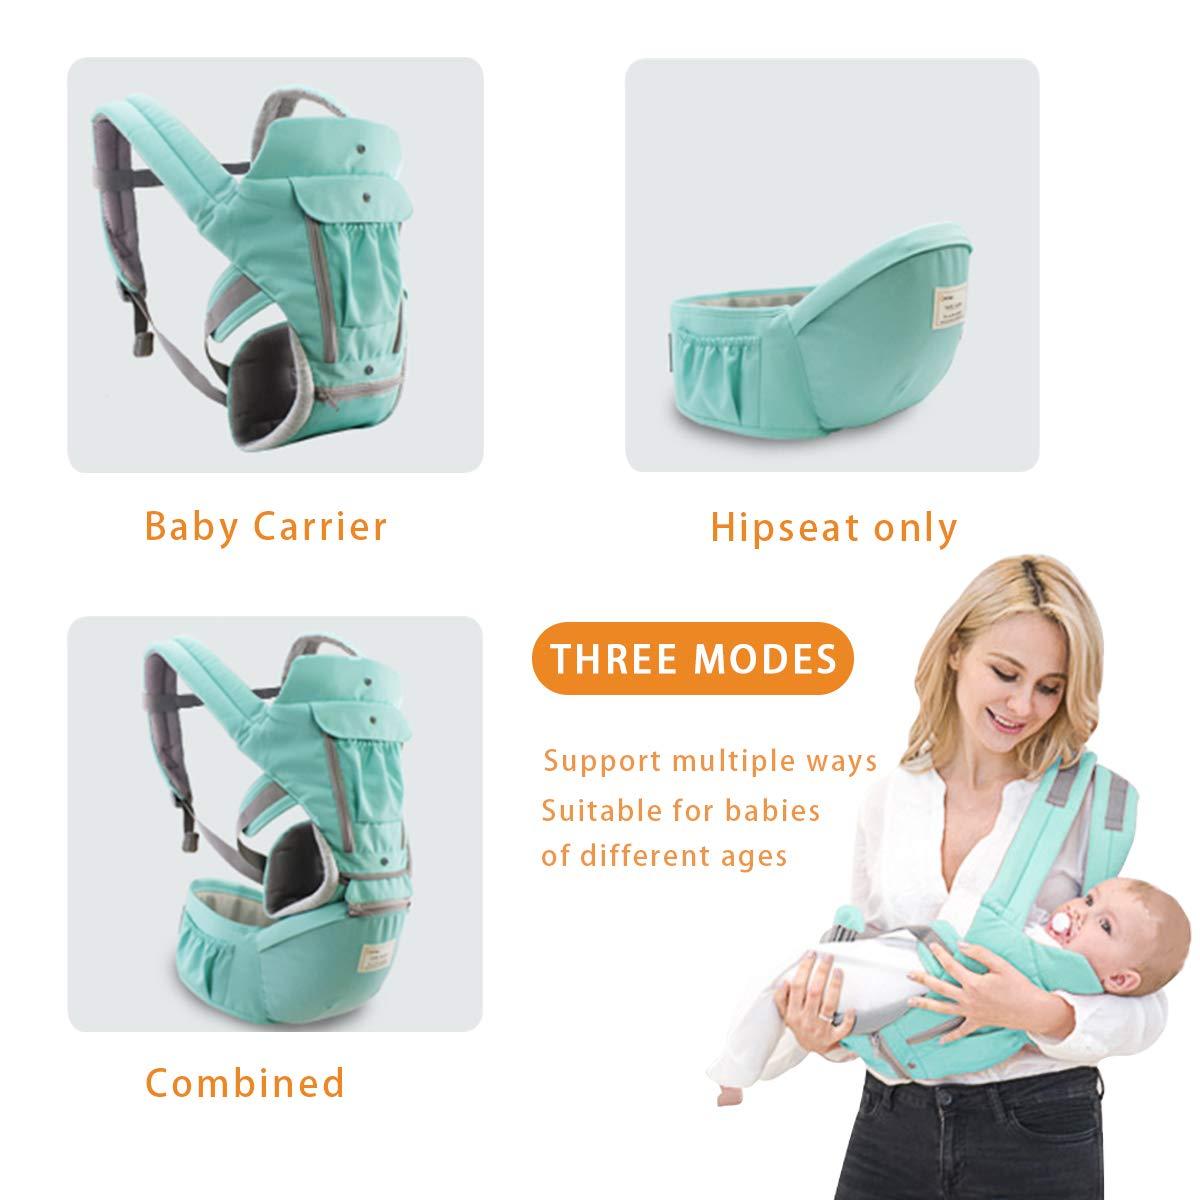 Tama/ño Libre,100/% GARANTIZADO y ENTREGA GRATUITA Azul Portador de beb/é,Anverso y Reverso,100/% Algod/ón,Ergon/ómica SONARIN 3 en 1 Multifuncional Hipseat Baby Carrier Ideal Regalo